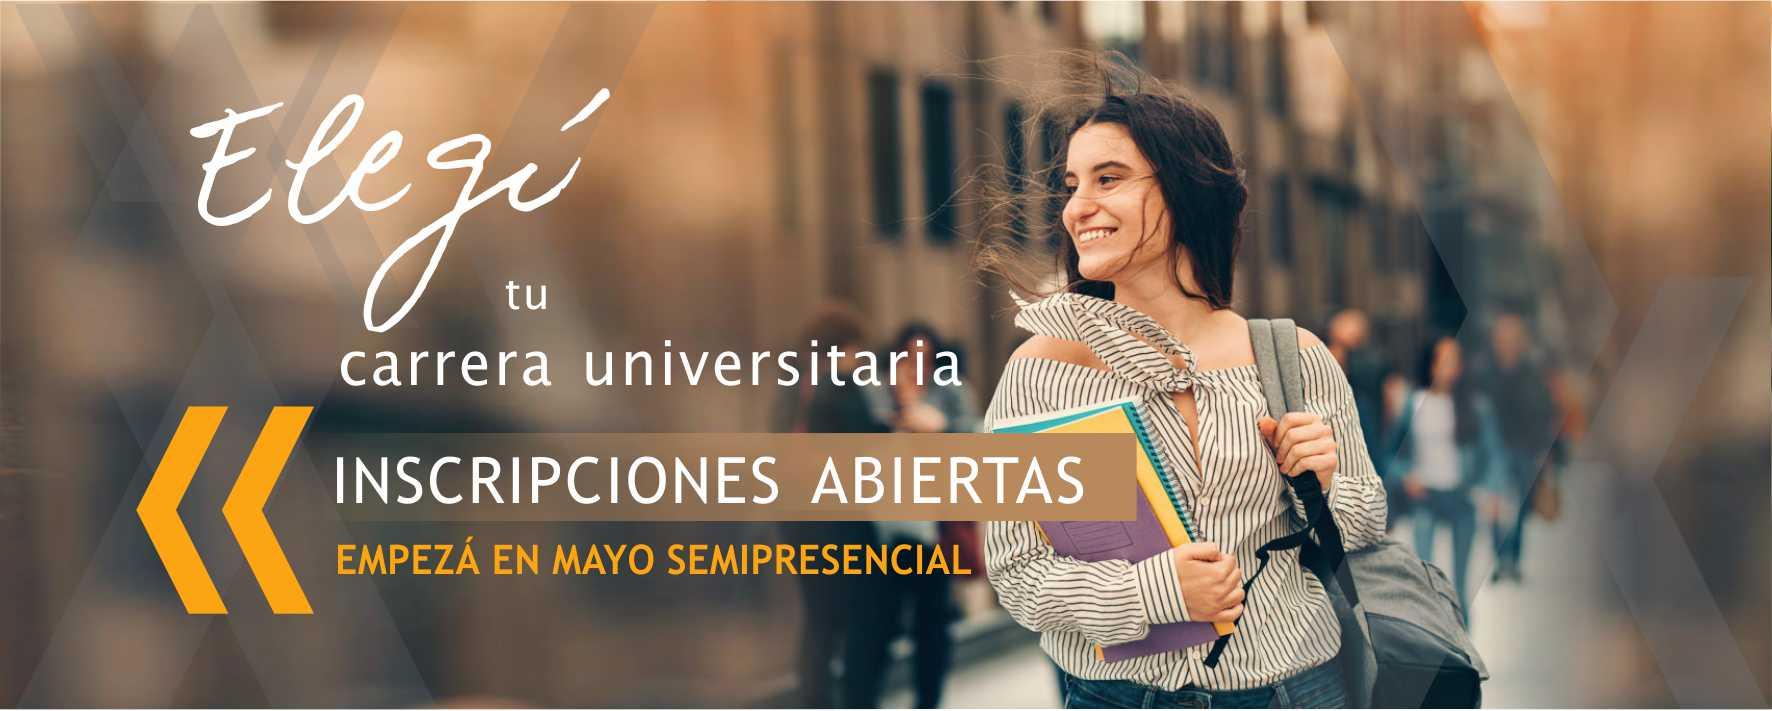 Inscripciones 2019 - Facultad Ciencias Administración